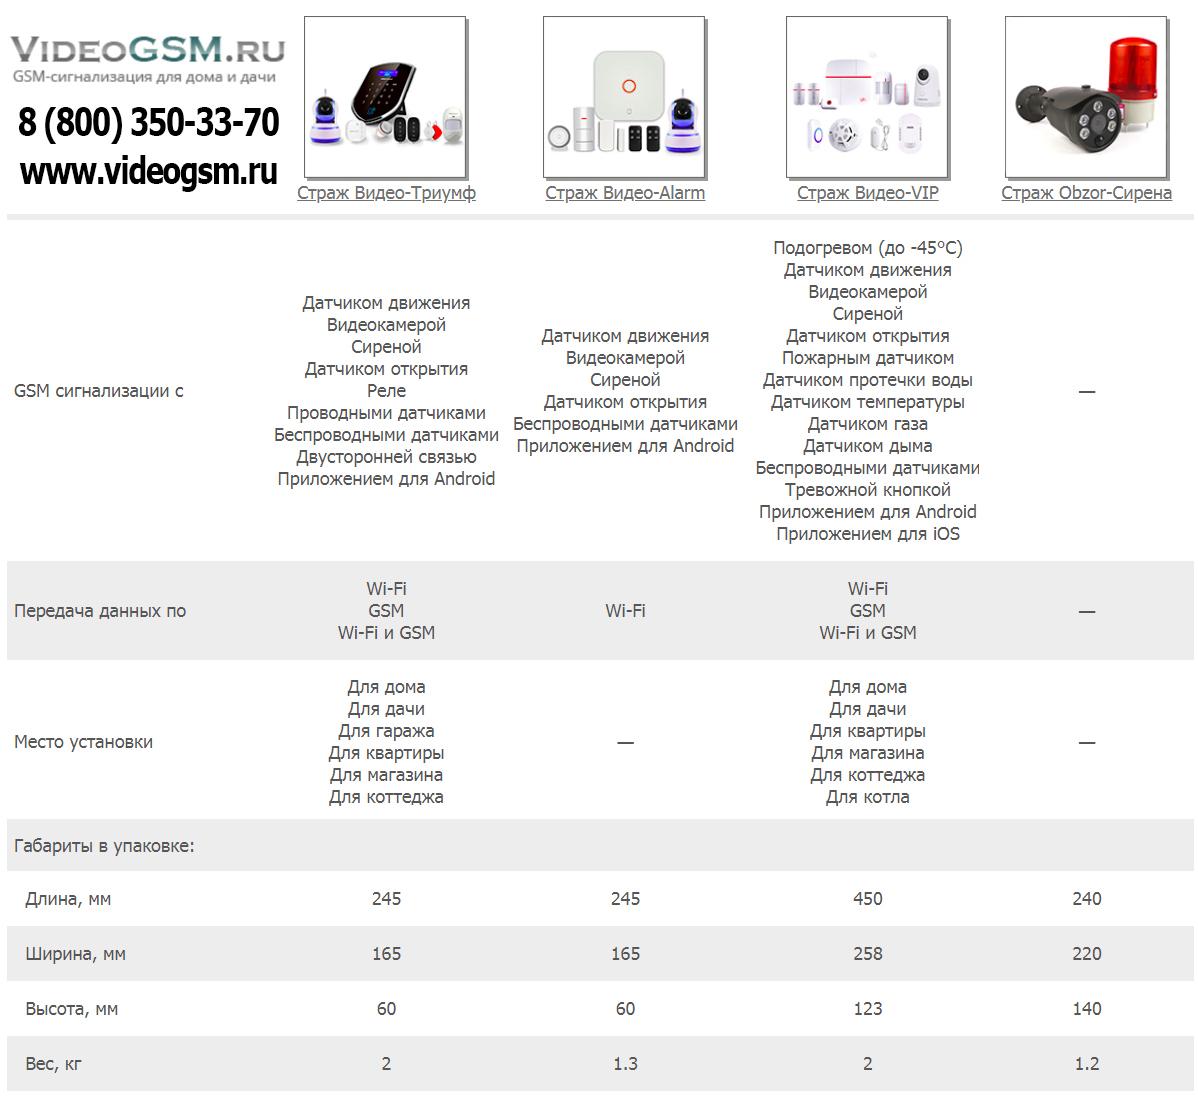 Сравнительная таблица сигнализаций GSM